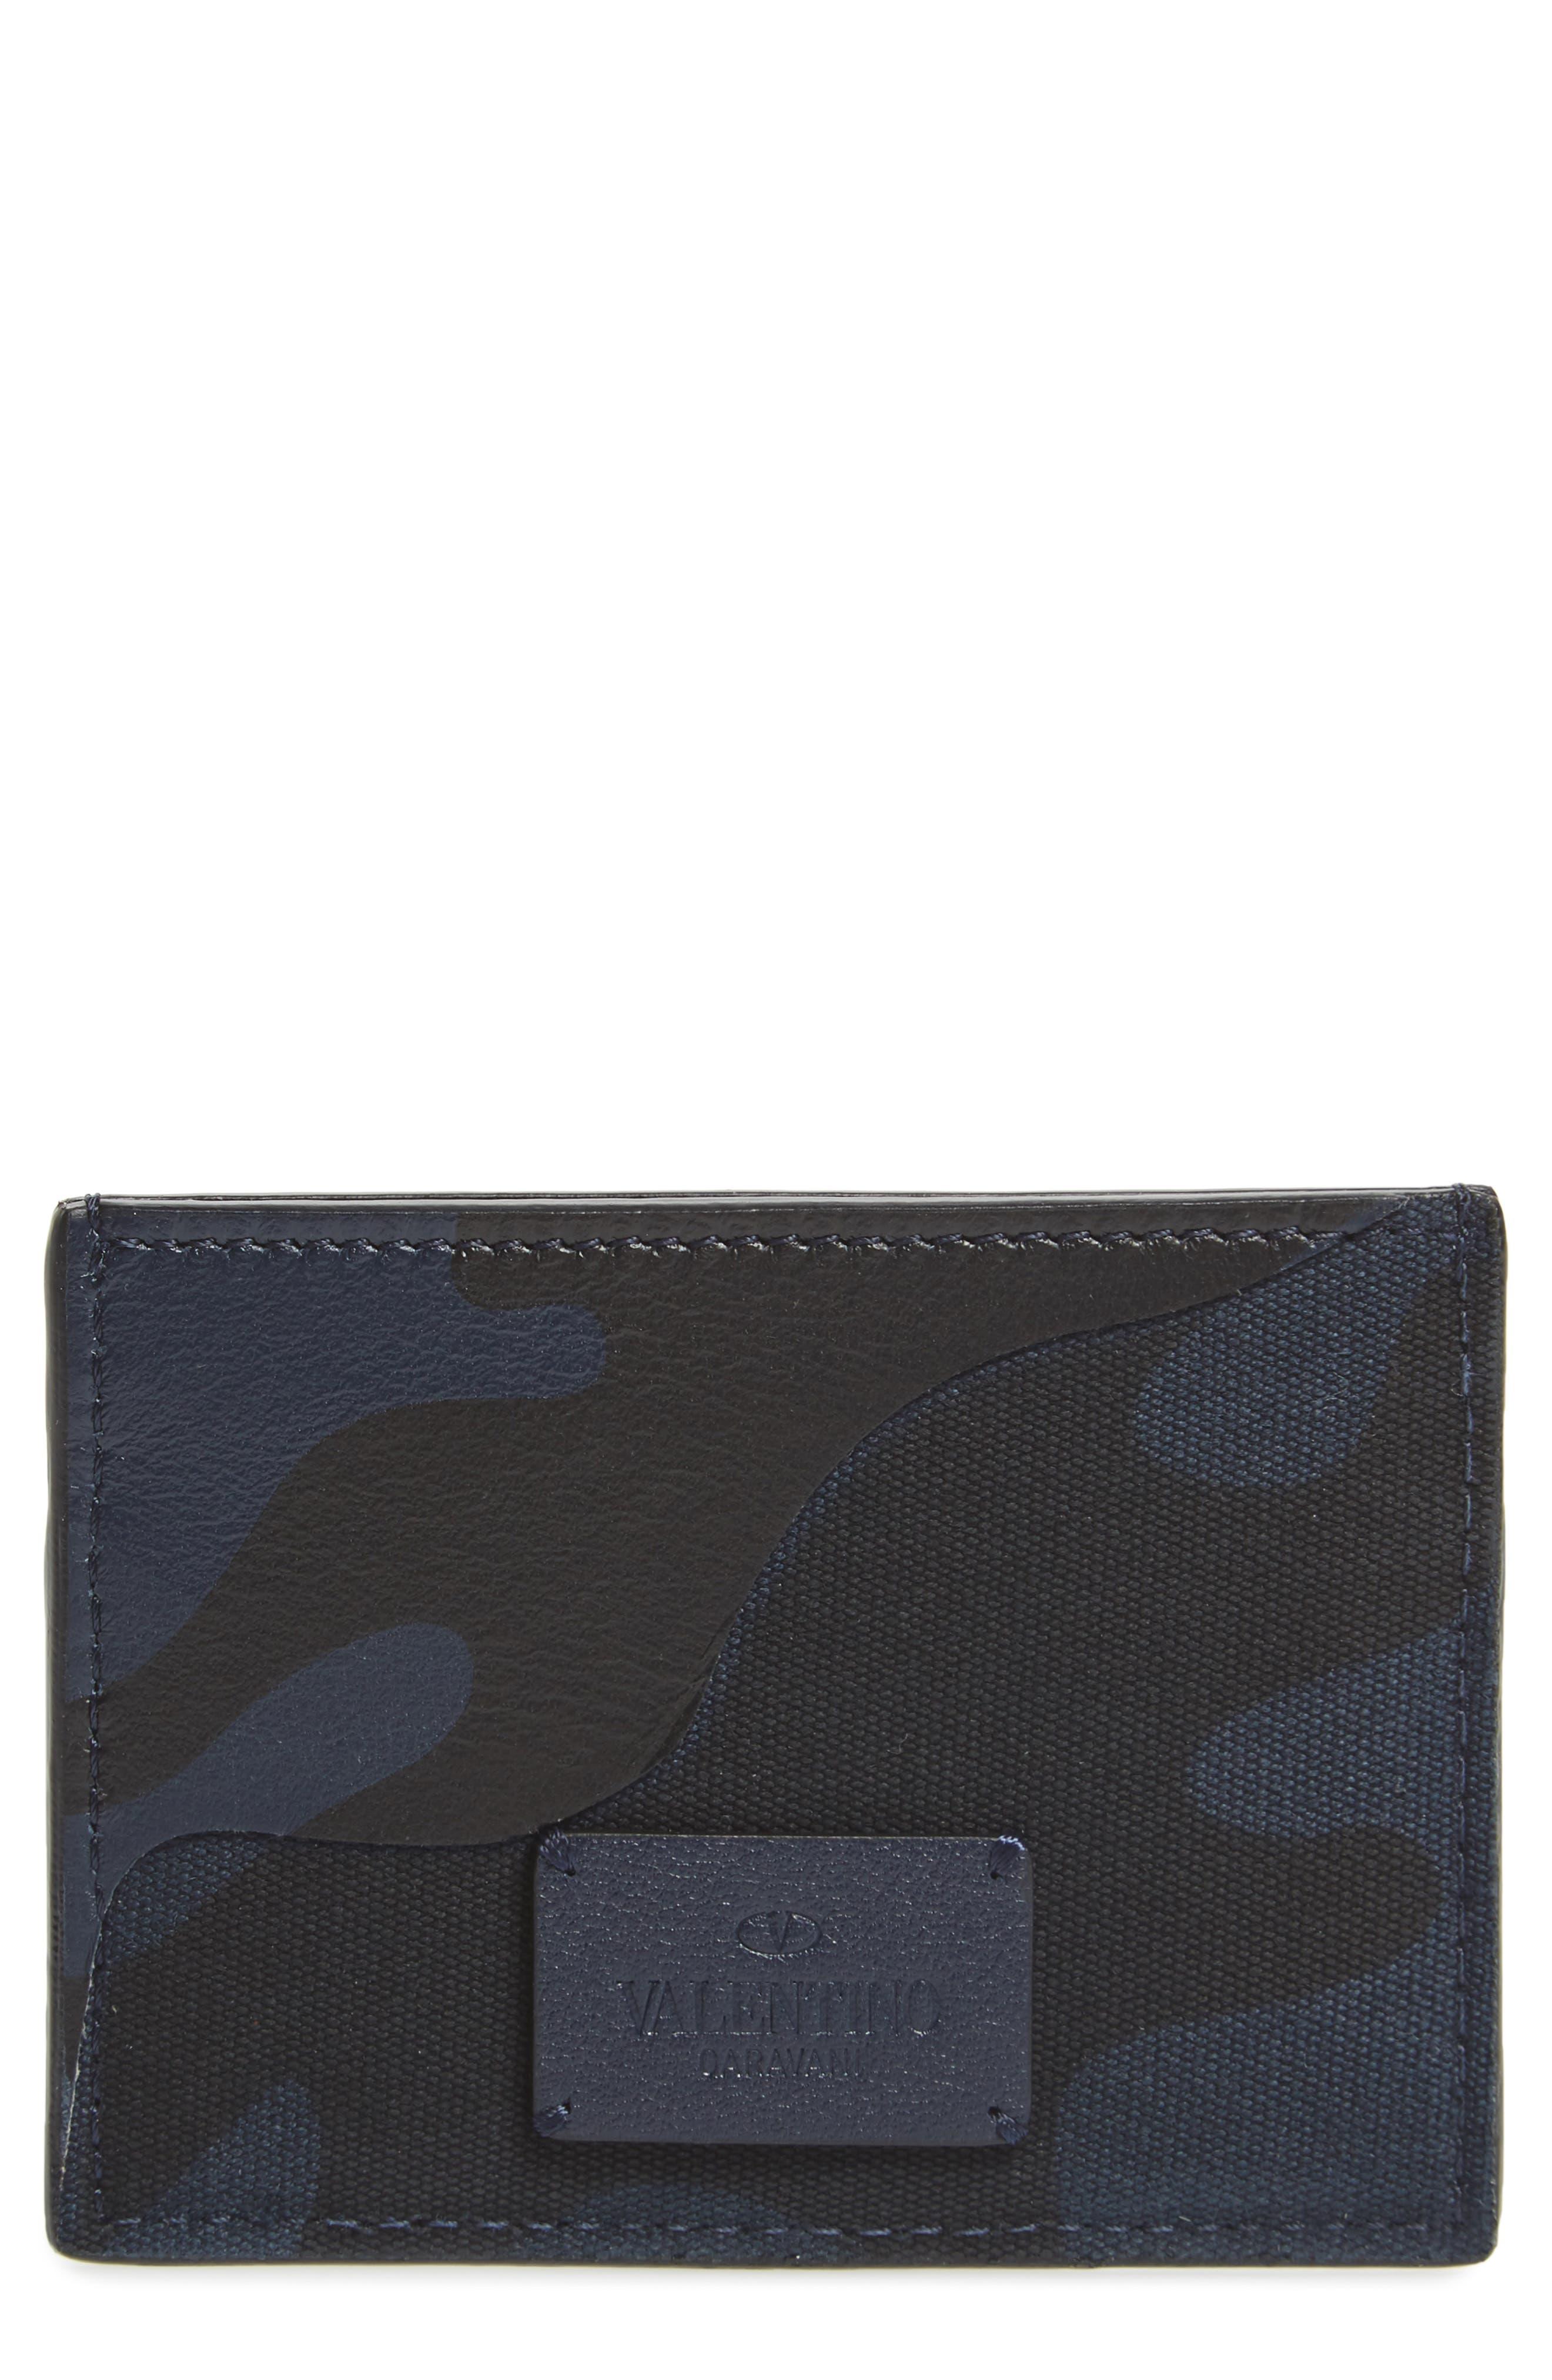 Main Image - VALENTINO GARAVANI Camo Nylon & Leather Card Case